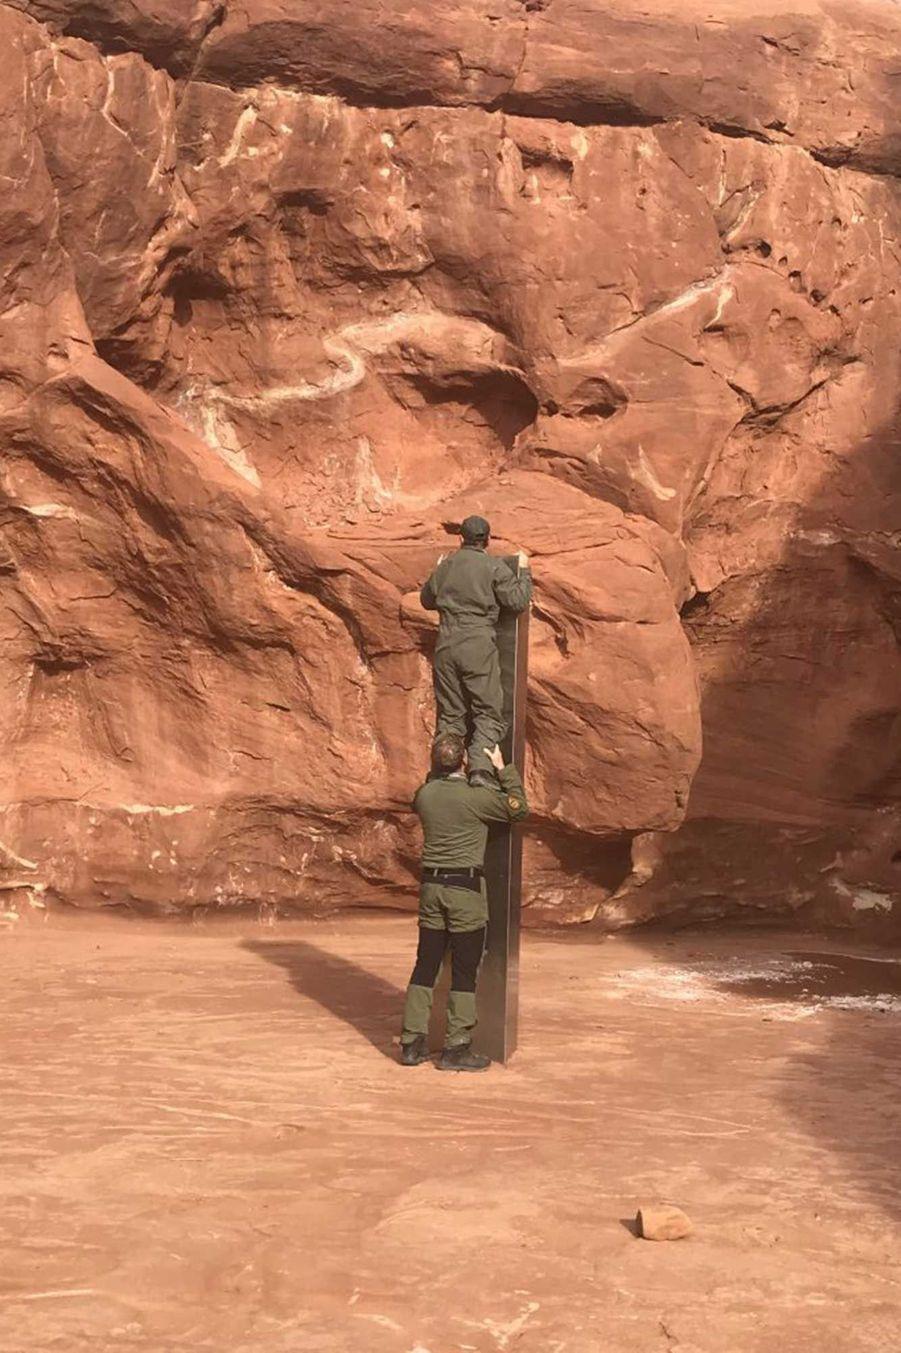 Un monolithe de trois mètres de haut a été découvert par des agents fédéraux dans le désert de l'Utah.